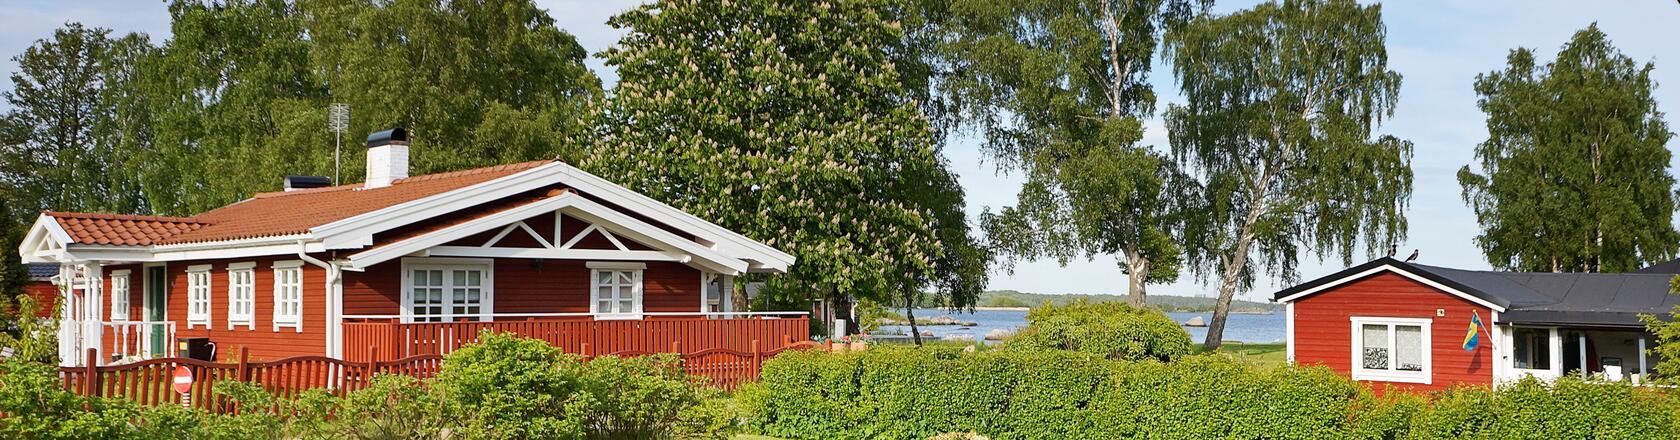 holmsj in schweden mieten sie ein ferienhaus bei dancenter. Black Bedroom Furniture Sets. Home Design Ideas